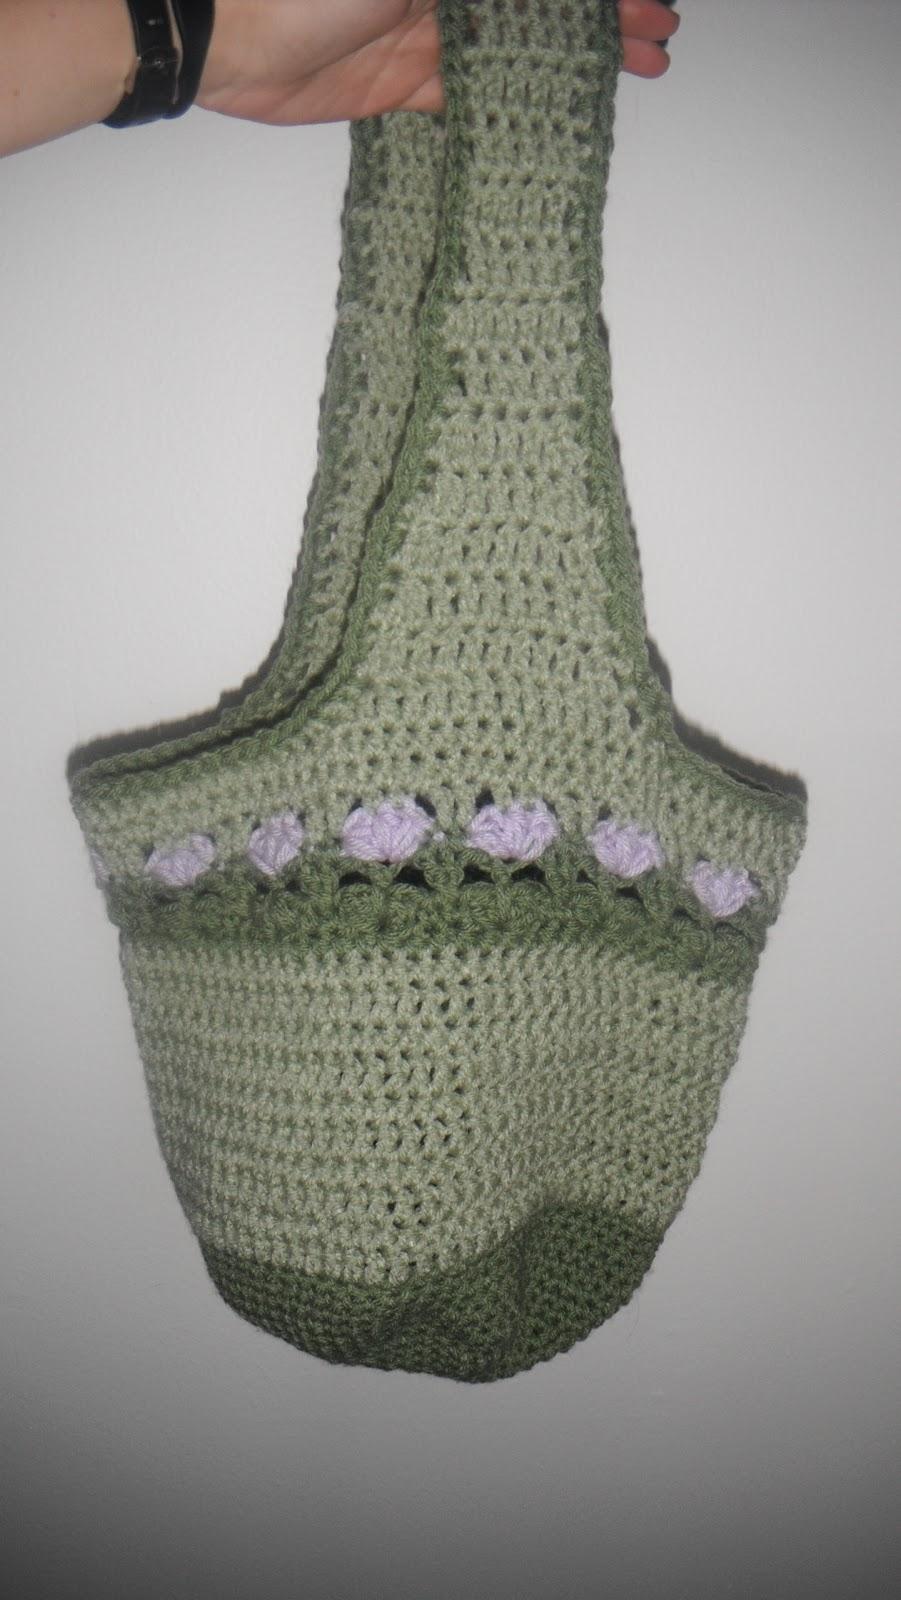 Lilac Meadows Hobo Bag